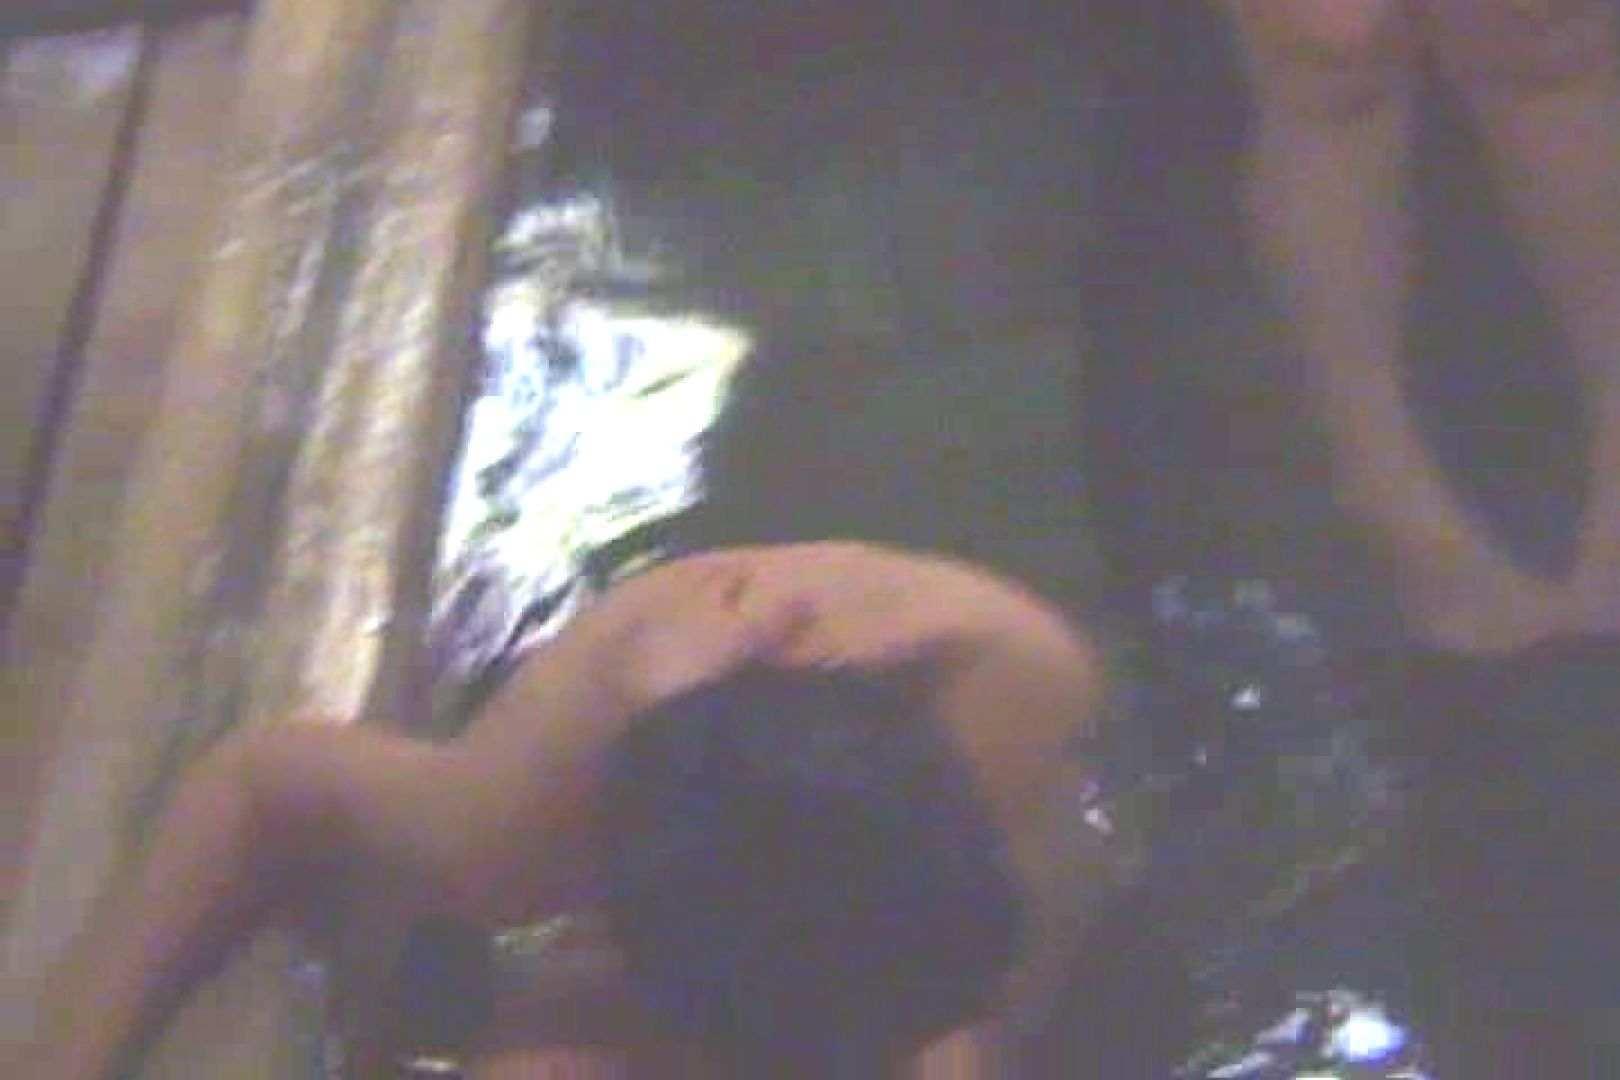 素人投稿シリーズ 盗撮 覗きの穴場 大浴場編 Vol.5 すけべなOL  103画像 60